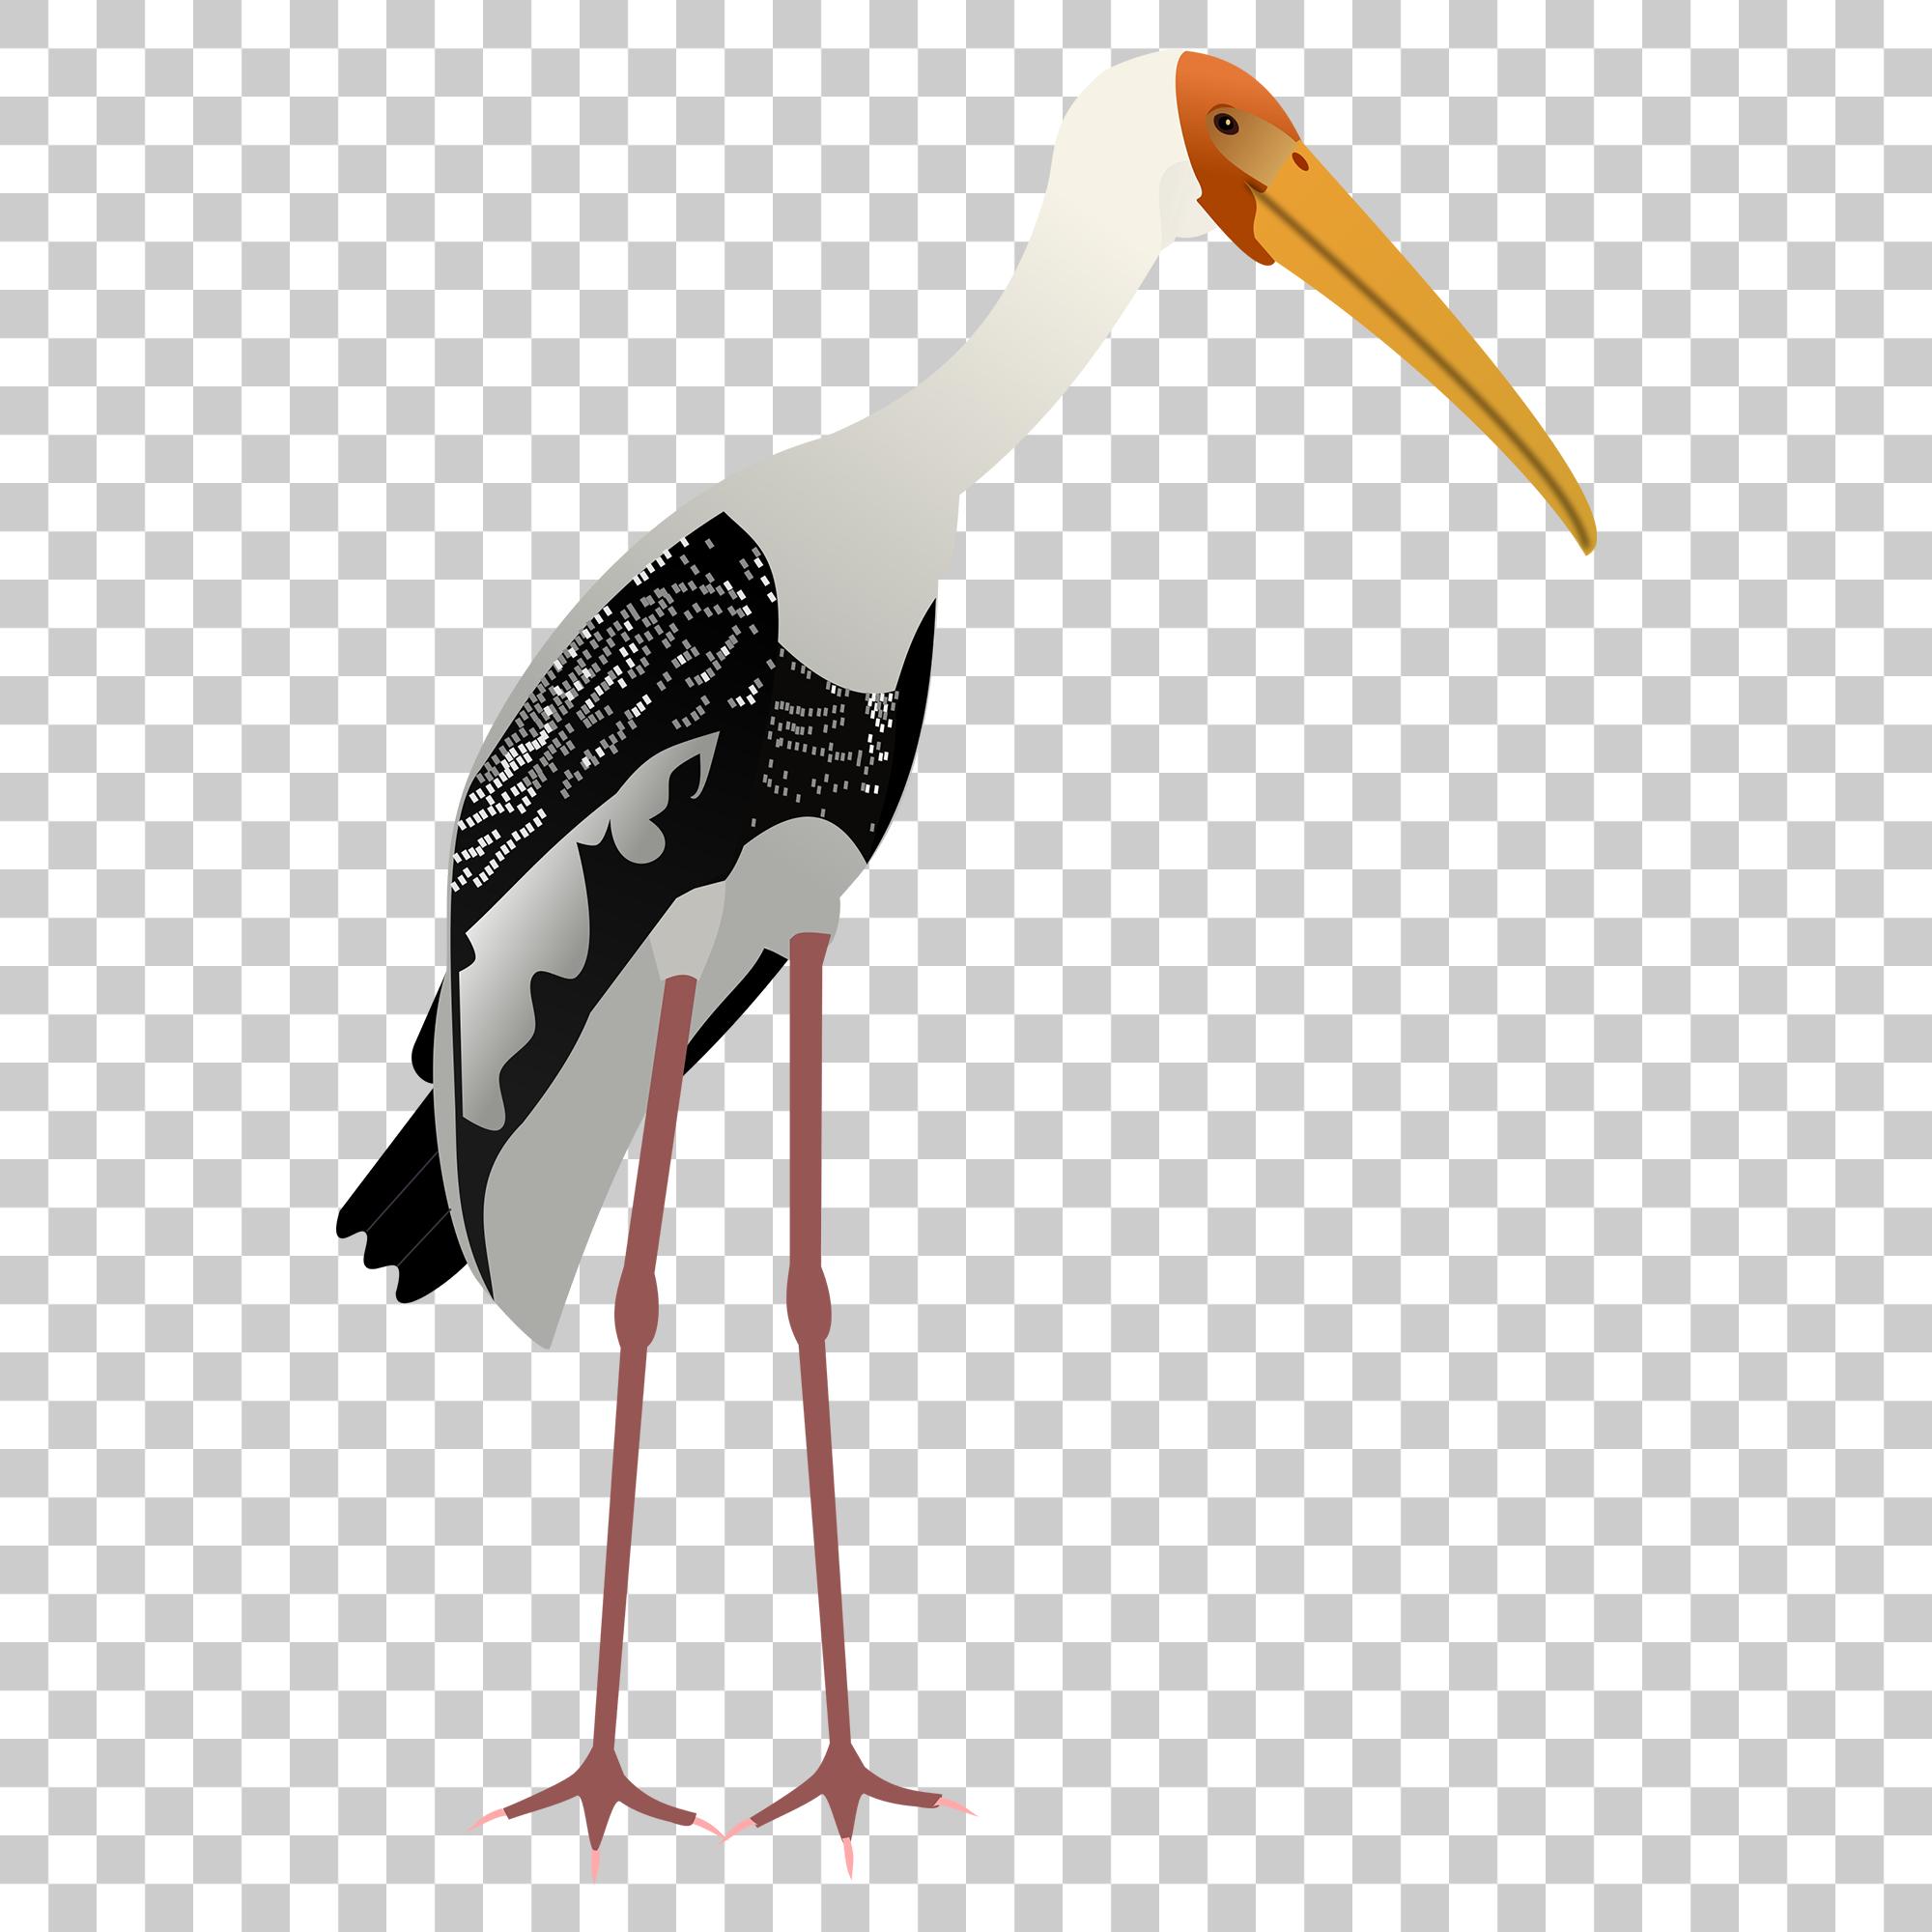 Crane Stork Bird Png Image With Transparent Background Stork Bird Stork Png Images